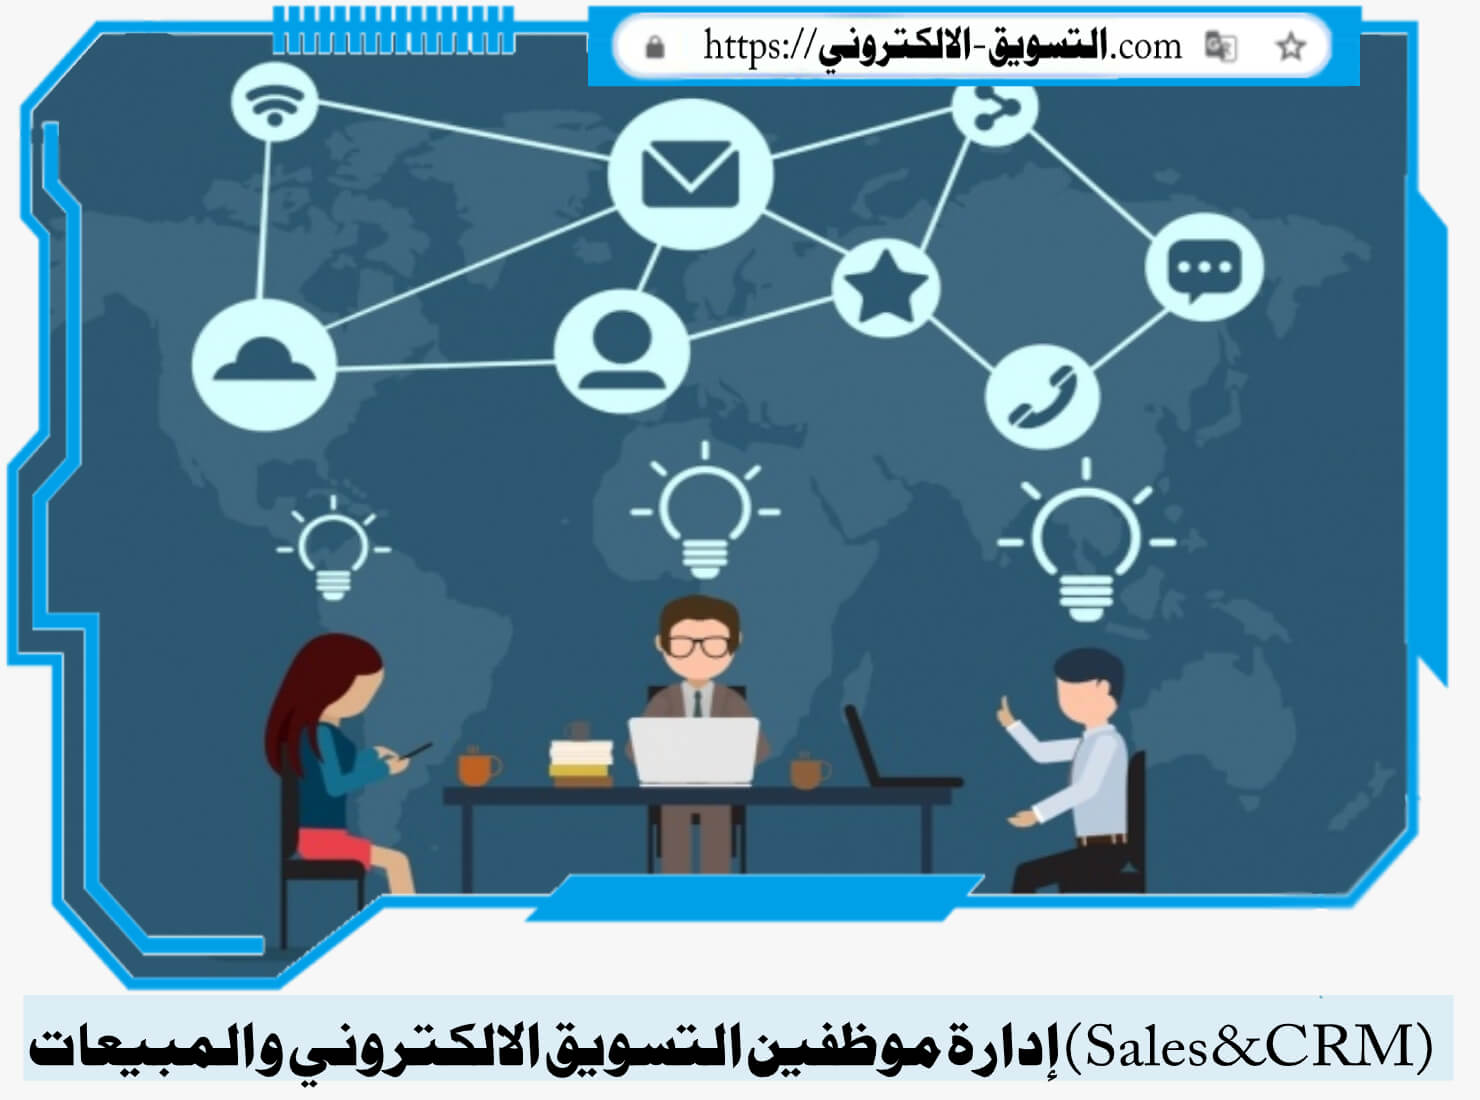 ريادة الاعمال, التسويق الالكتروني